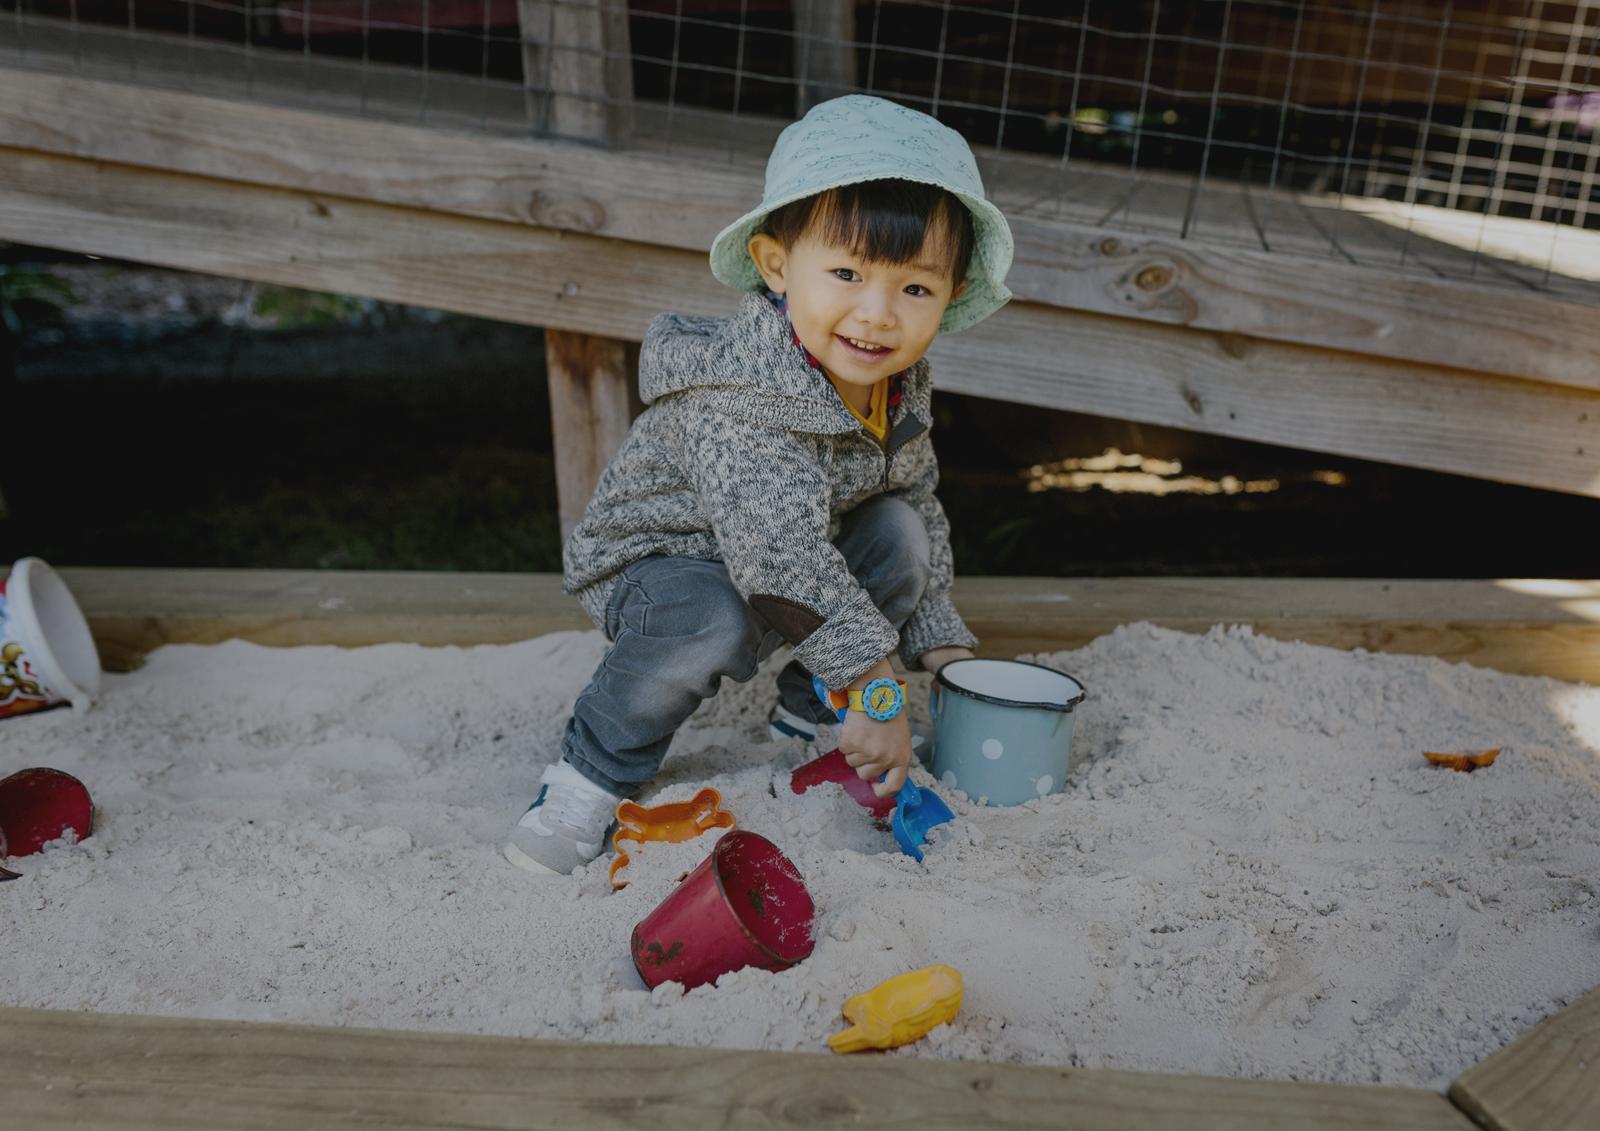 Toddler having fun in the sandpit